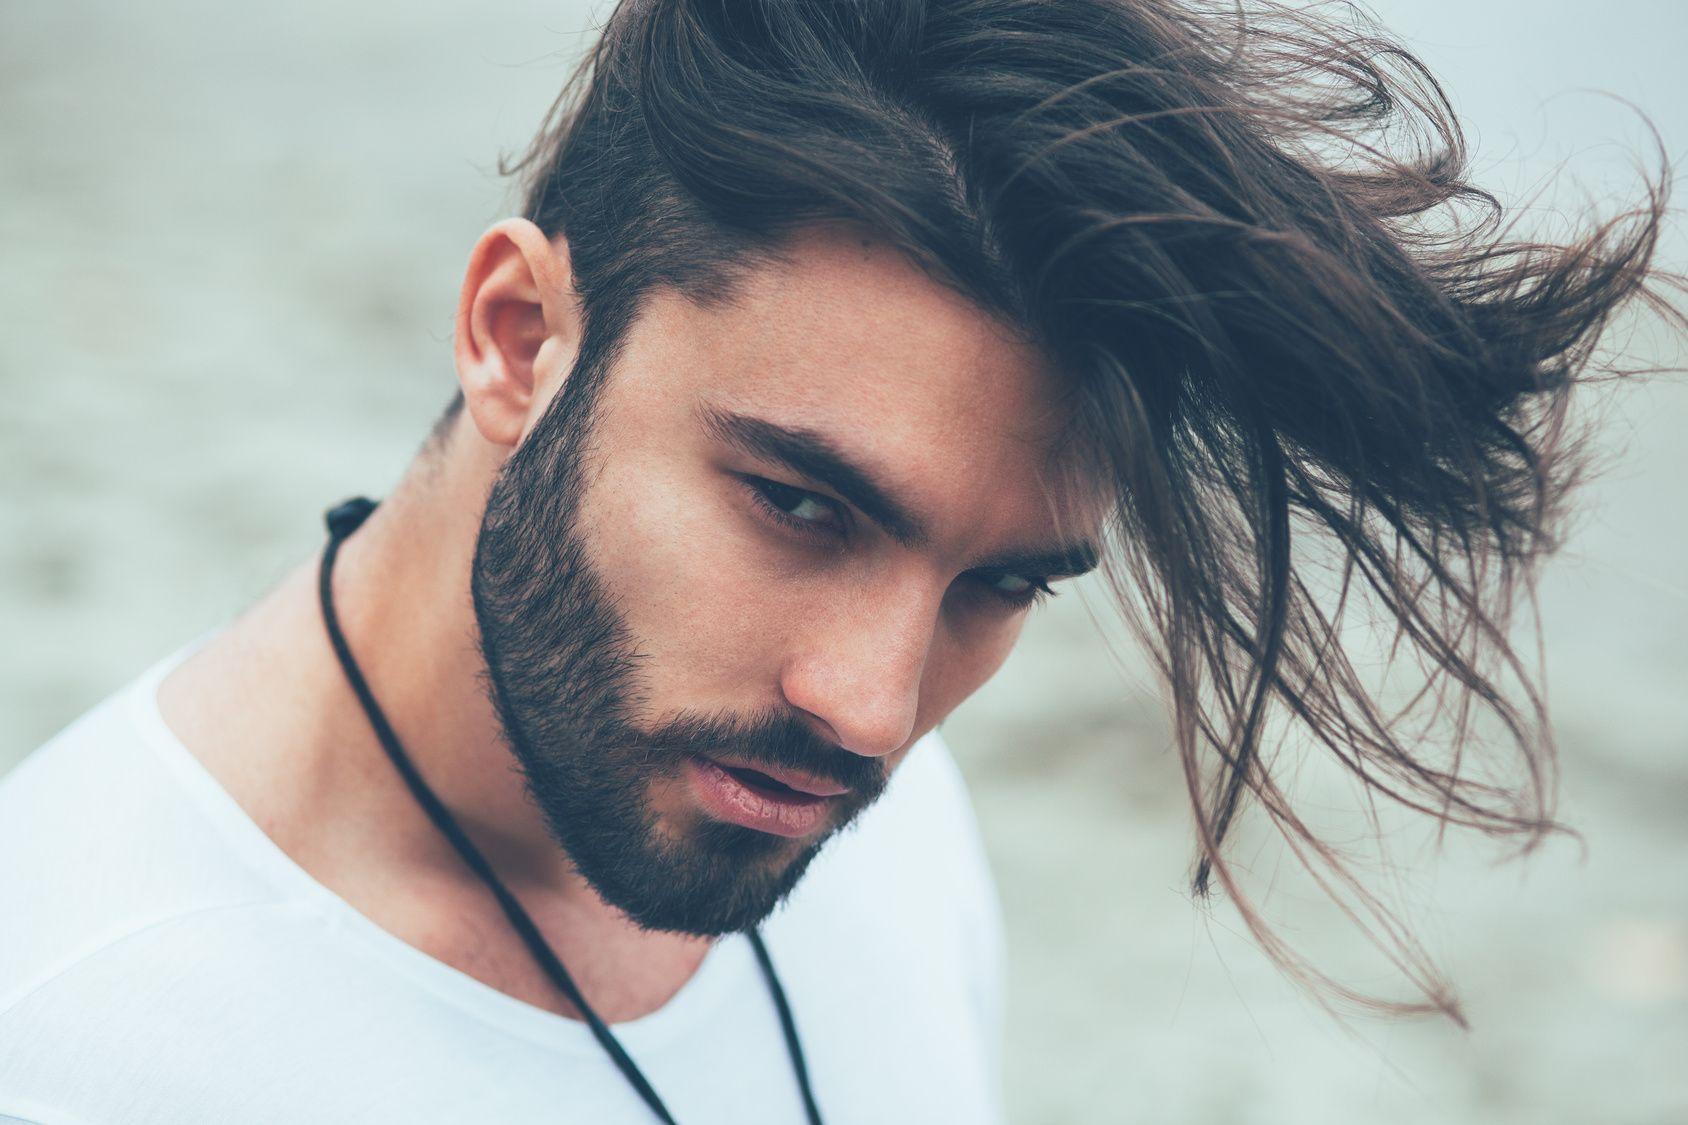 Haircuts styles for mens con infiltracionescapilares y tratamiento de plasma rico en